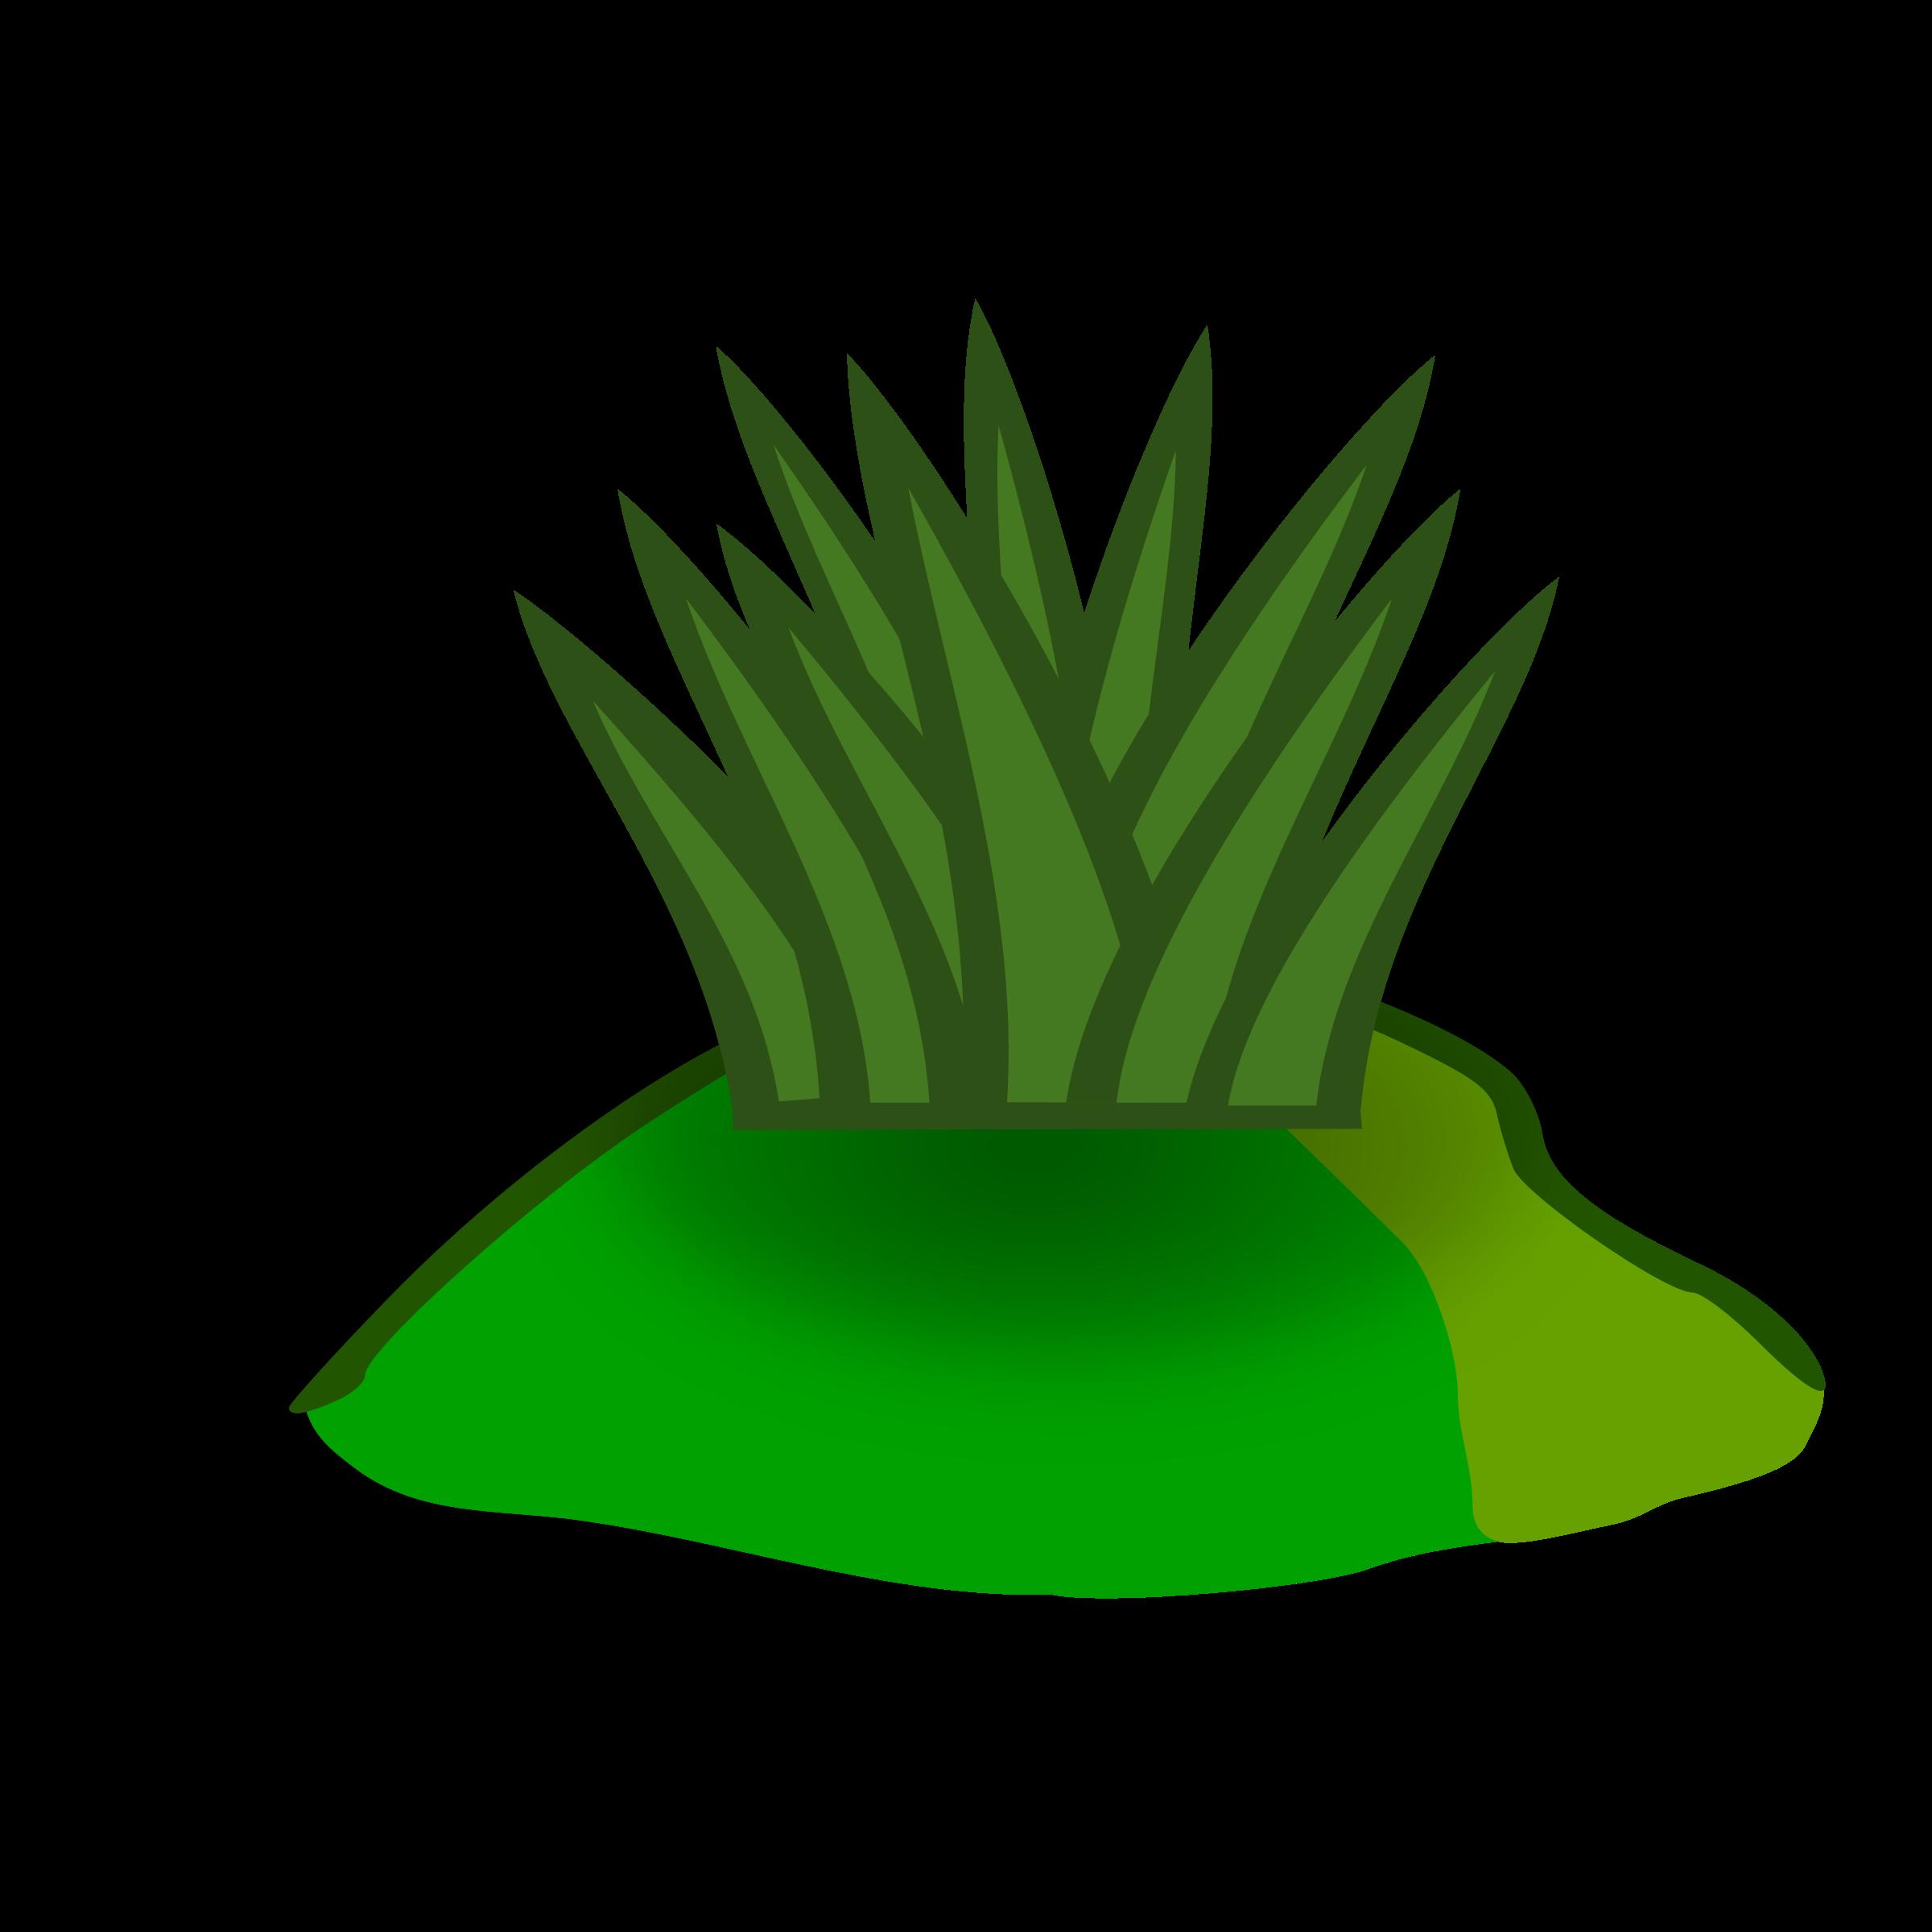 Grassland Clipart.